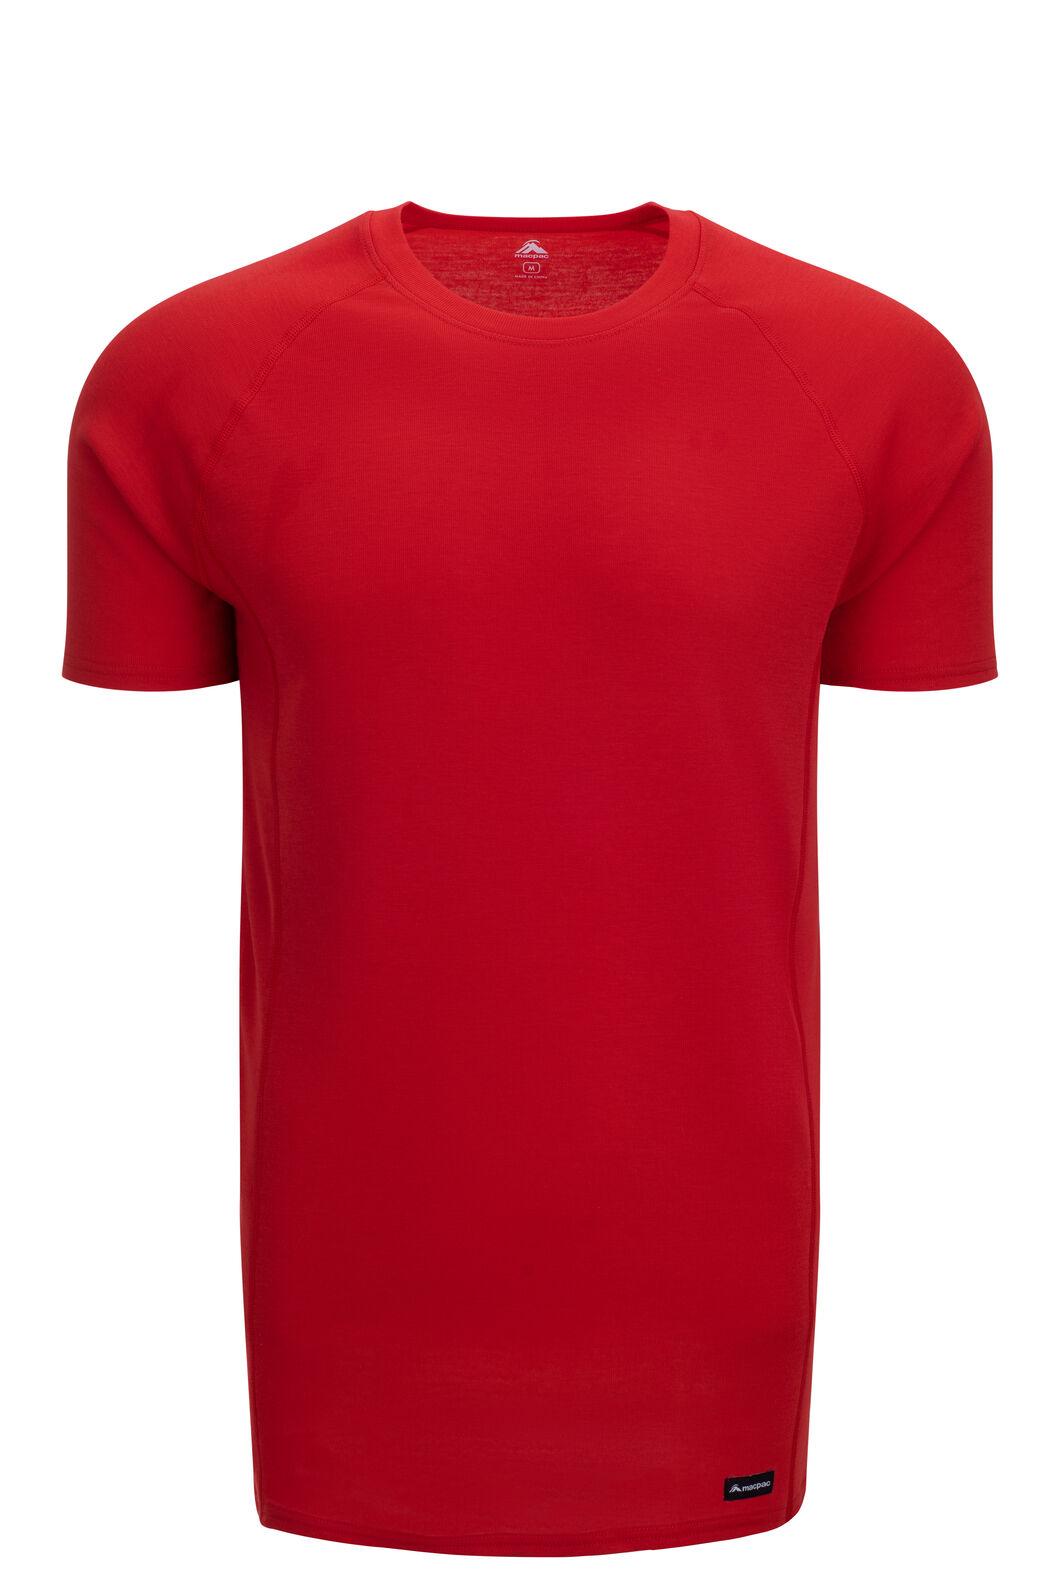 Macpac Men's Geothermal Short Sleeve Tee, Aurora Red, hi-res